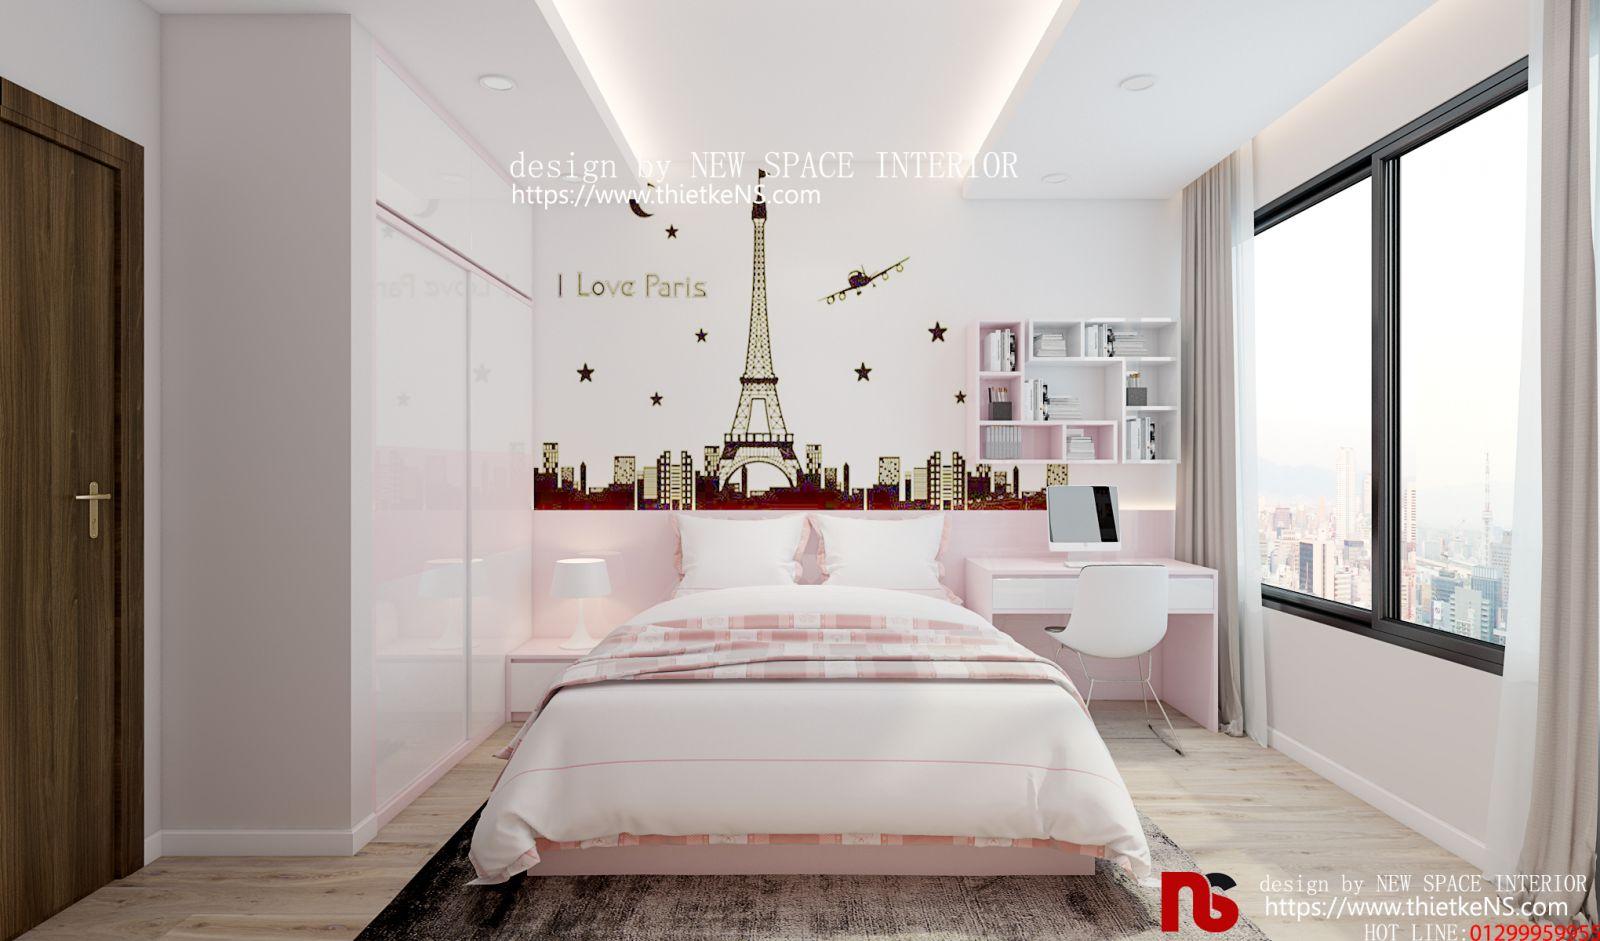 Thiết kế nội thất chung cư khu vực phòng ngủ